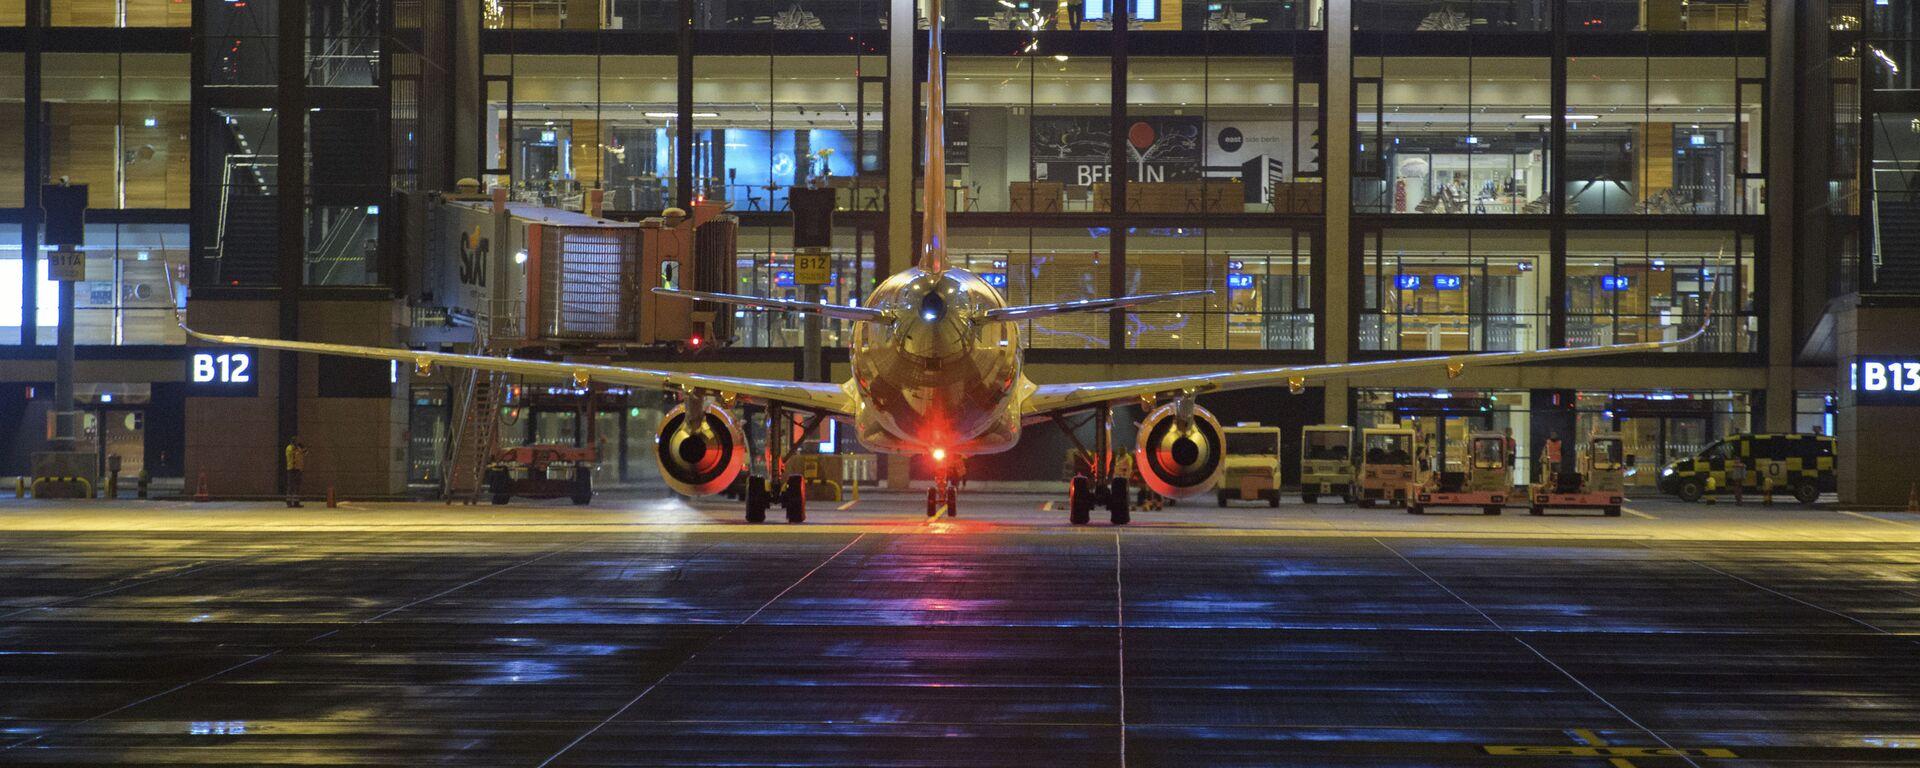 Letadlo na letišti v Berlíně - Sputnik Česká republika, 1920, 03.06.2021